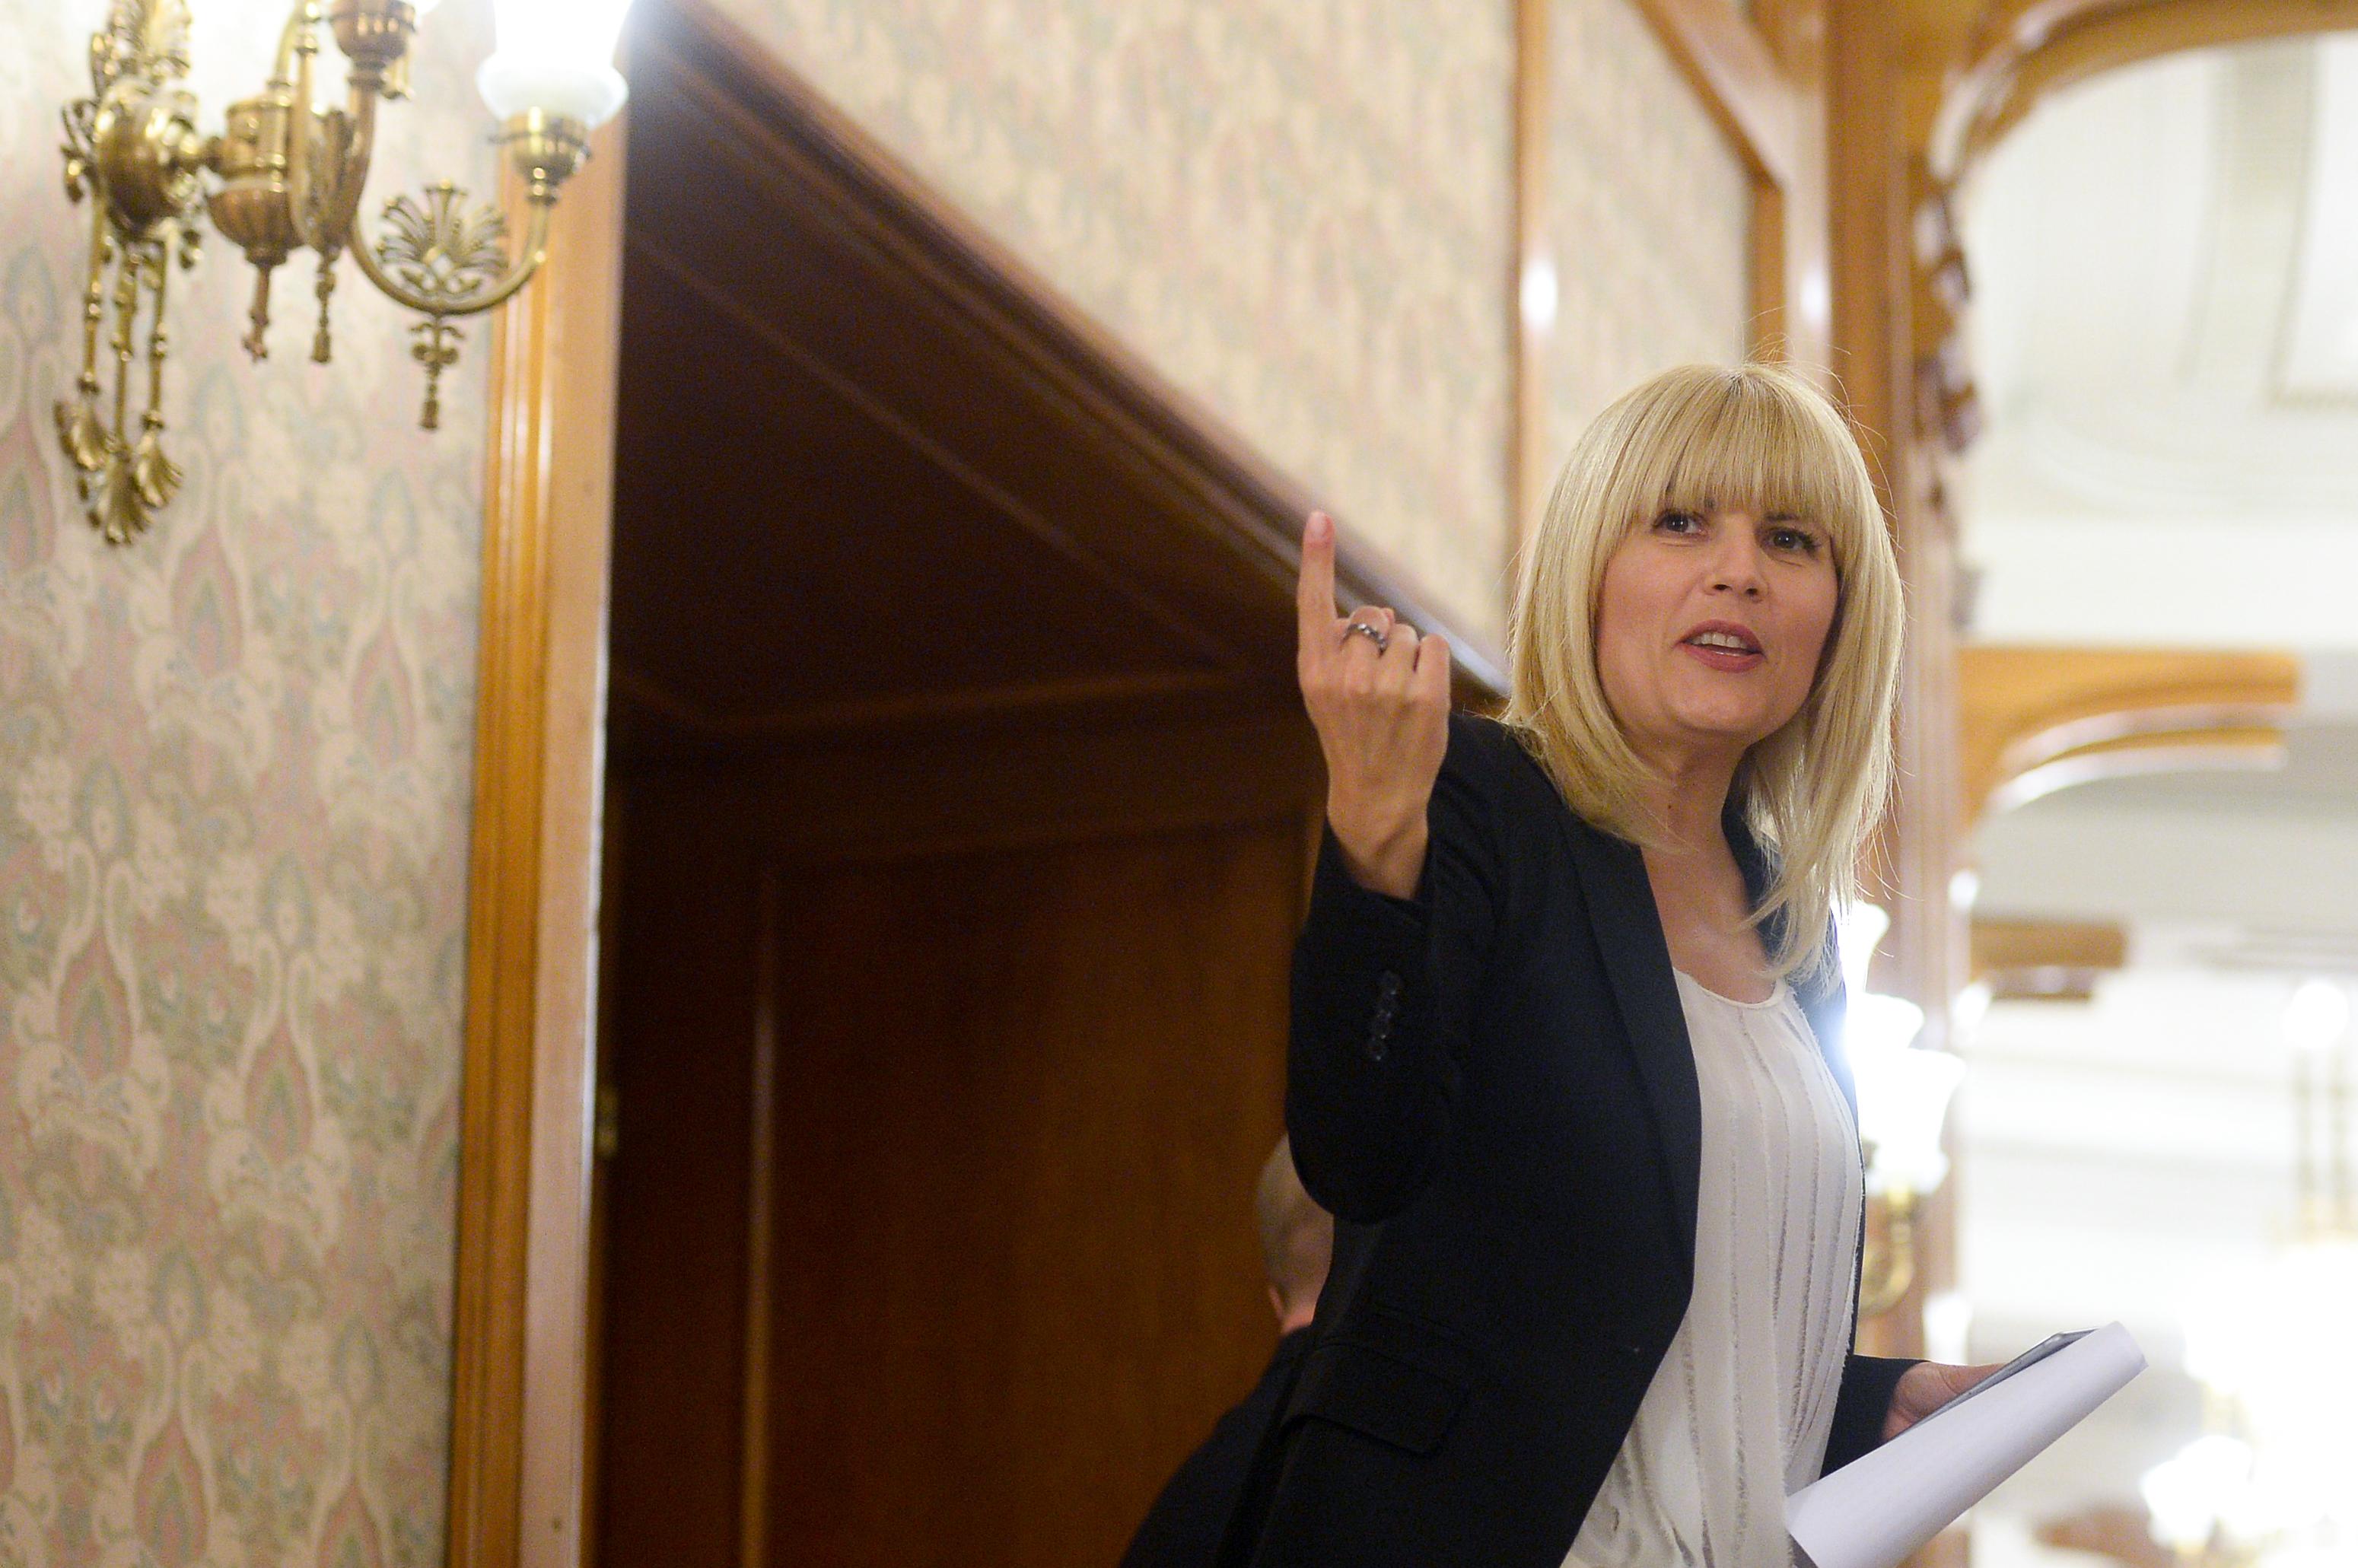 LOVITURA TOTALA pentru Elena Udrea. DOCUMENTUL OFICIAL care o infunda definitiv. Procurorii au facut deja anuntul